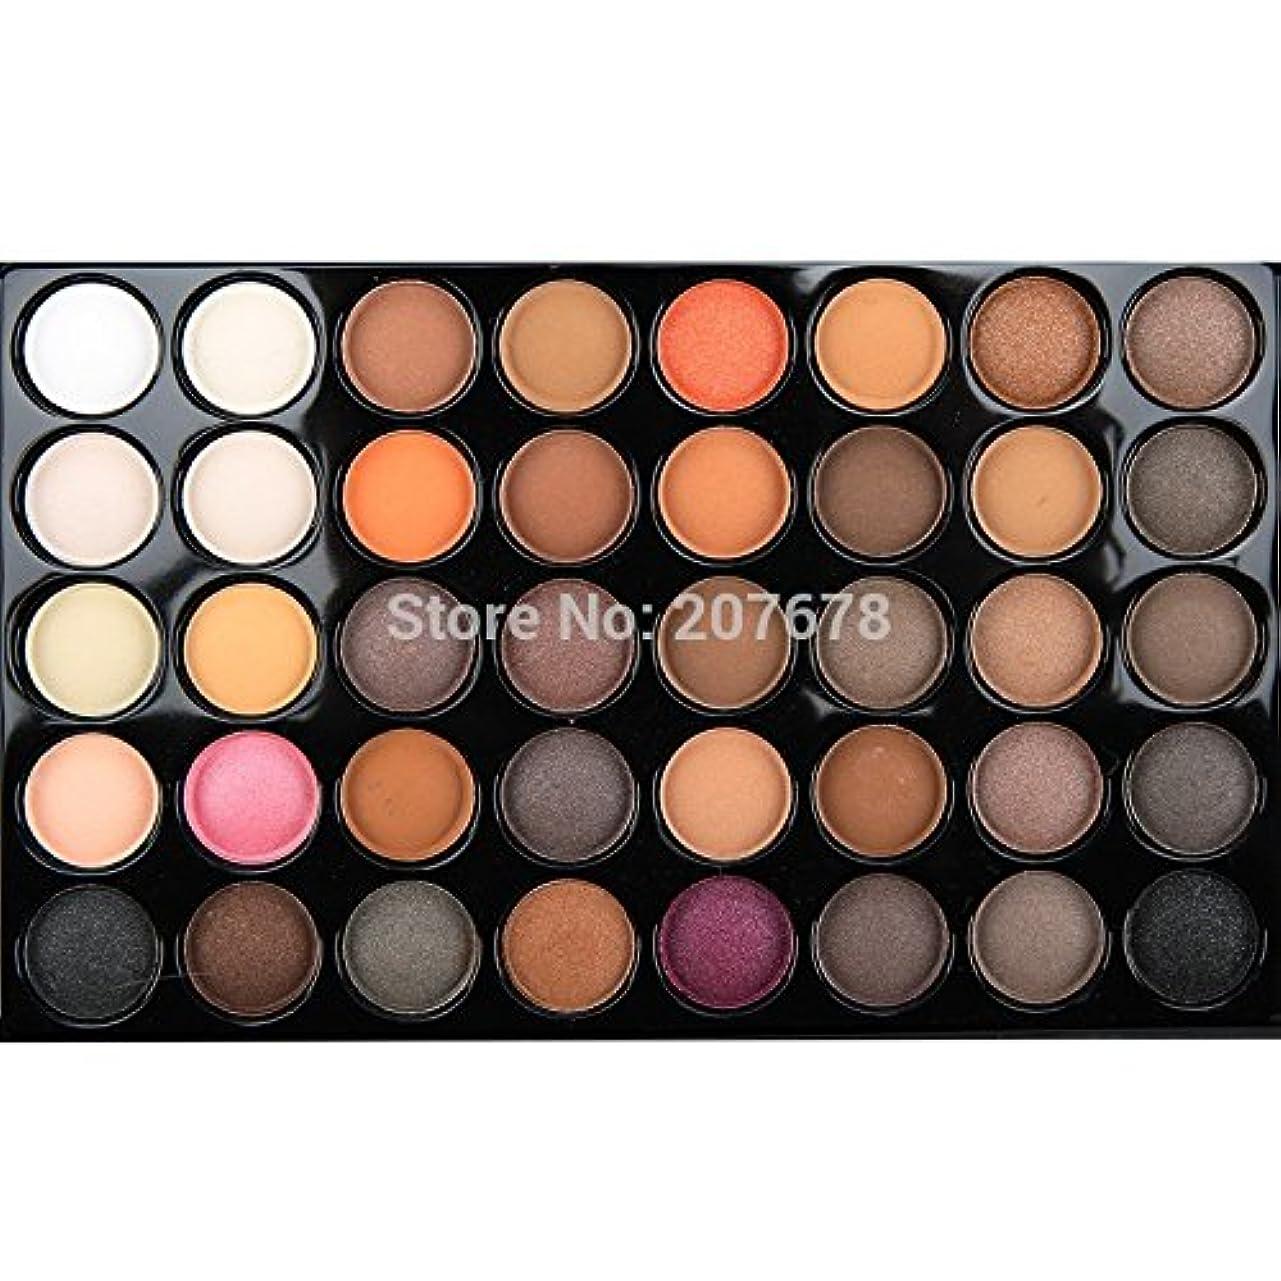 罪中止します局40 Color Matte Eyeshadow Pallete Make Up Palette Eye Shadow Glitter Natural Easy to Wear Waterproof Lasting Makeup...